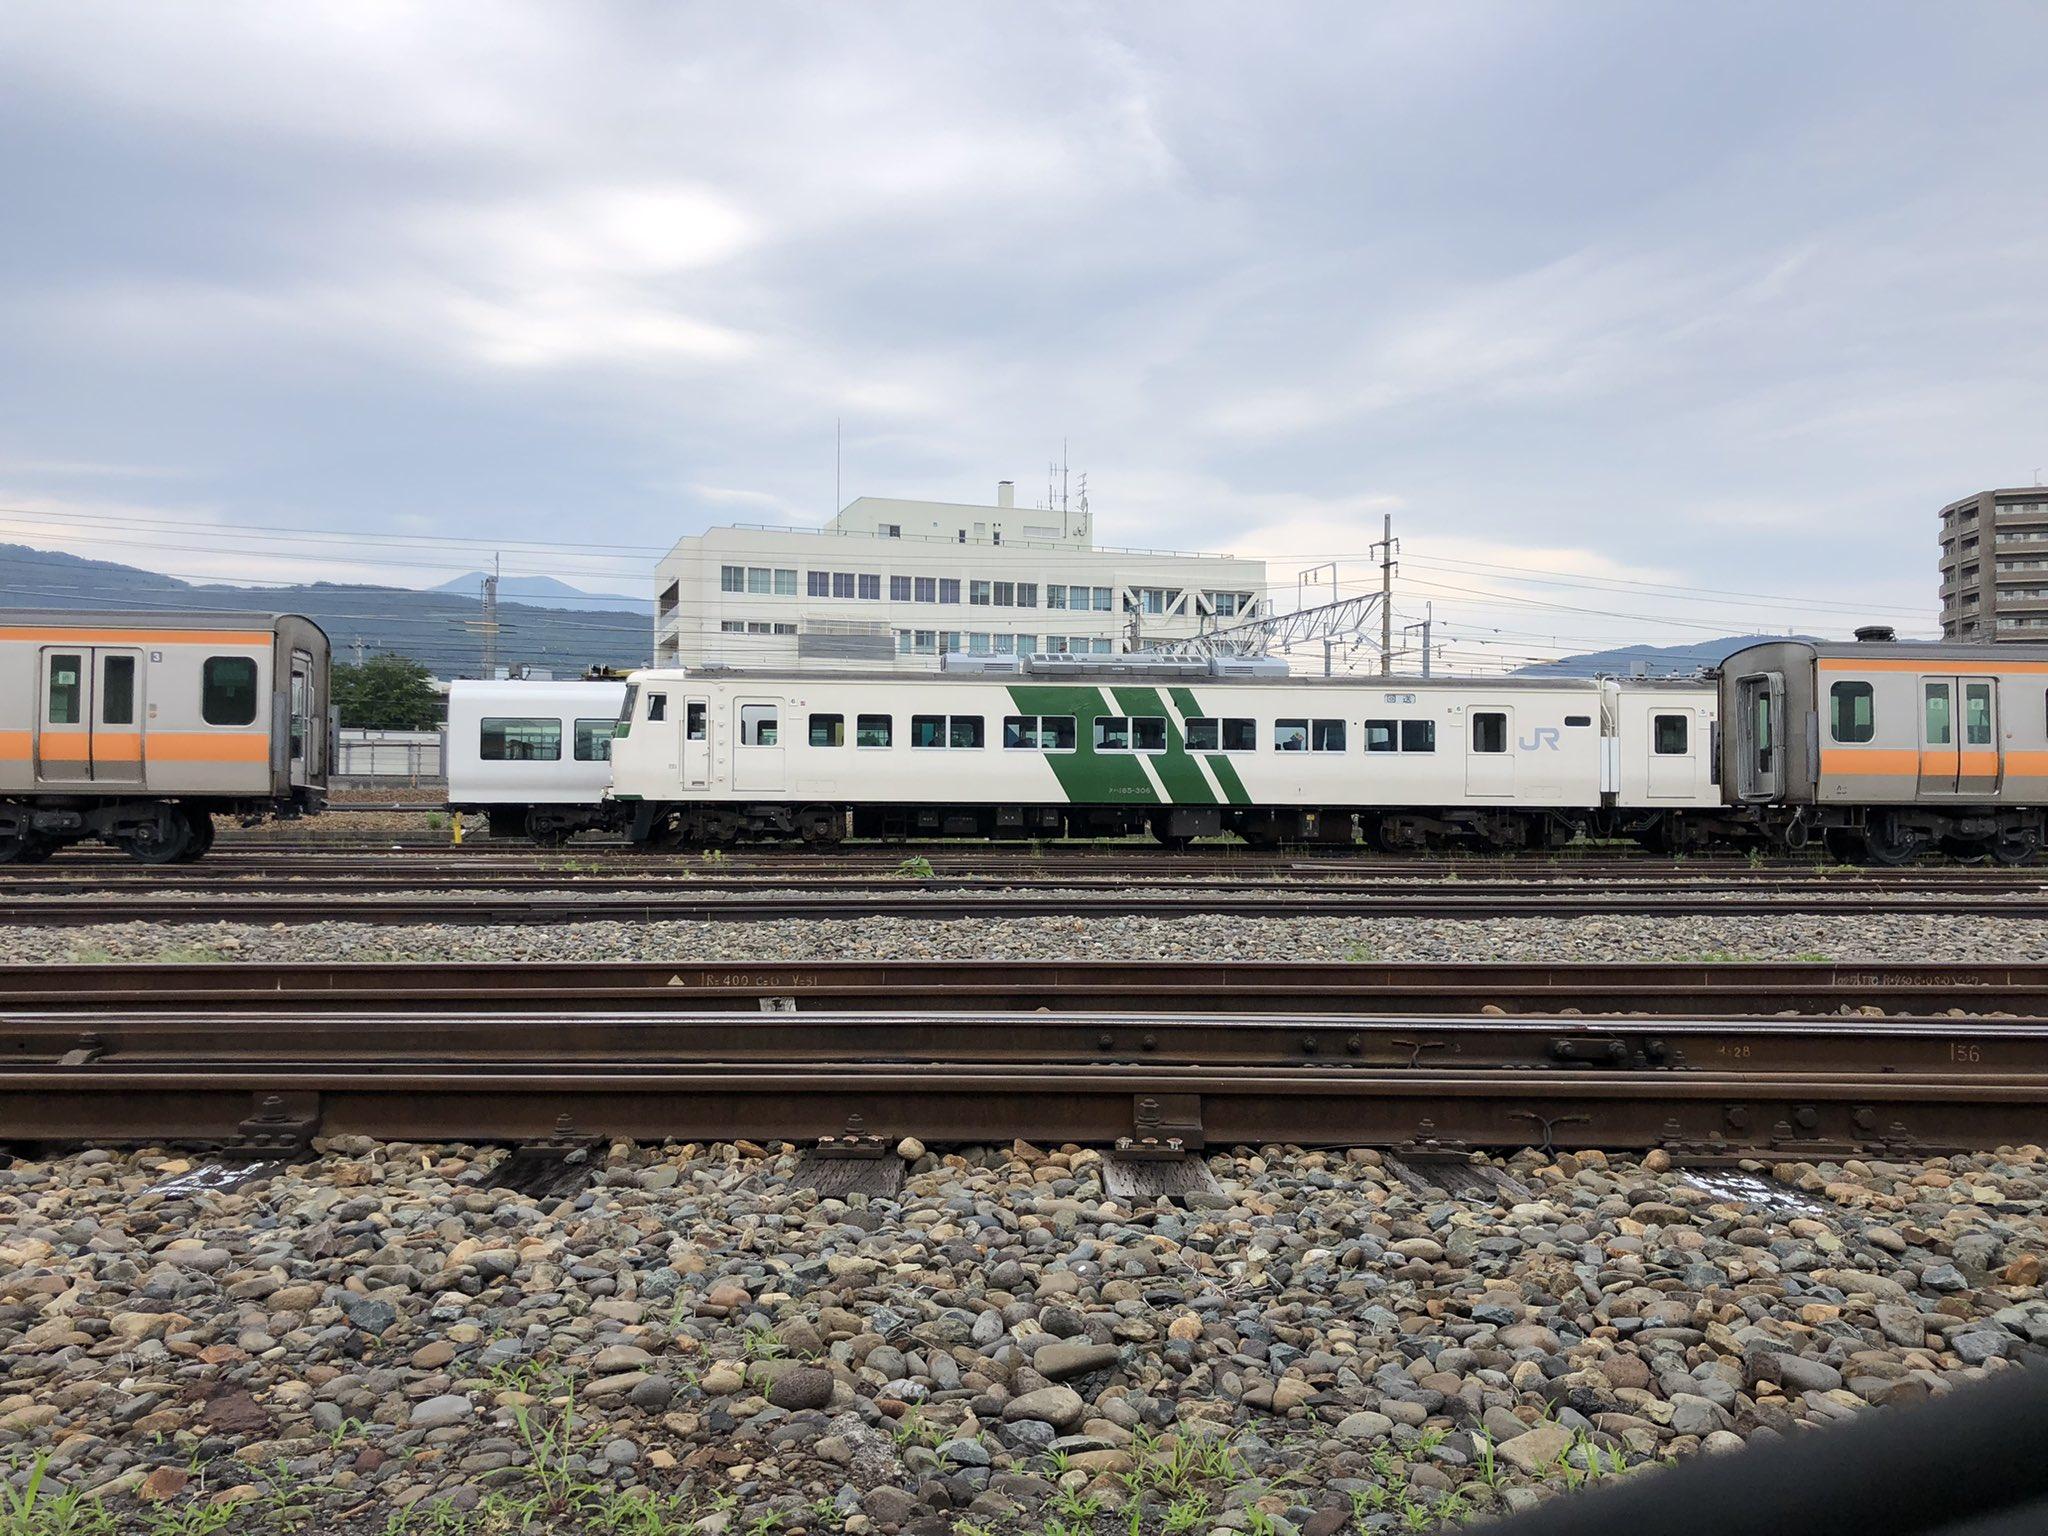 【6ヶ月放置】185系OM03編成が解体線に移動 廃車前提の疎開回送からついに動きが 部品は景品に